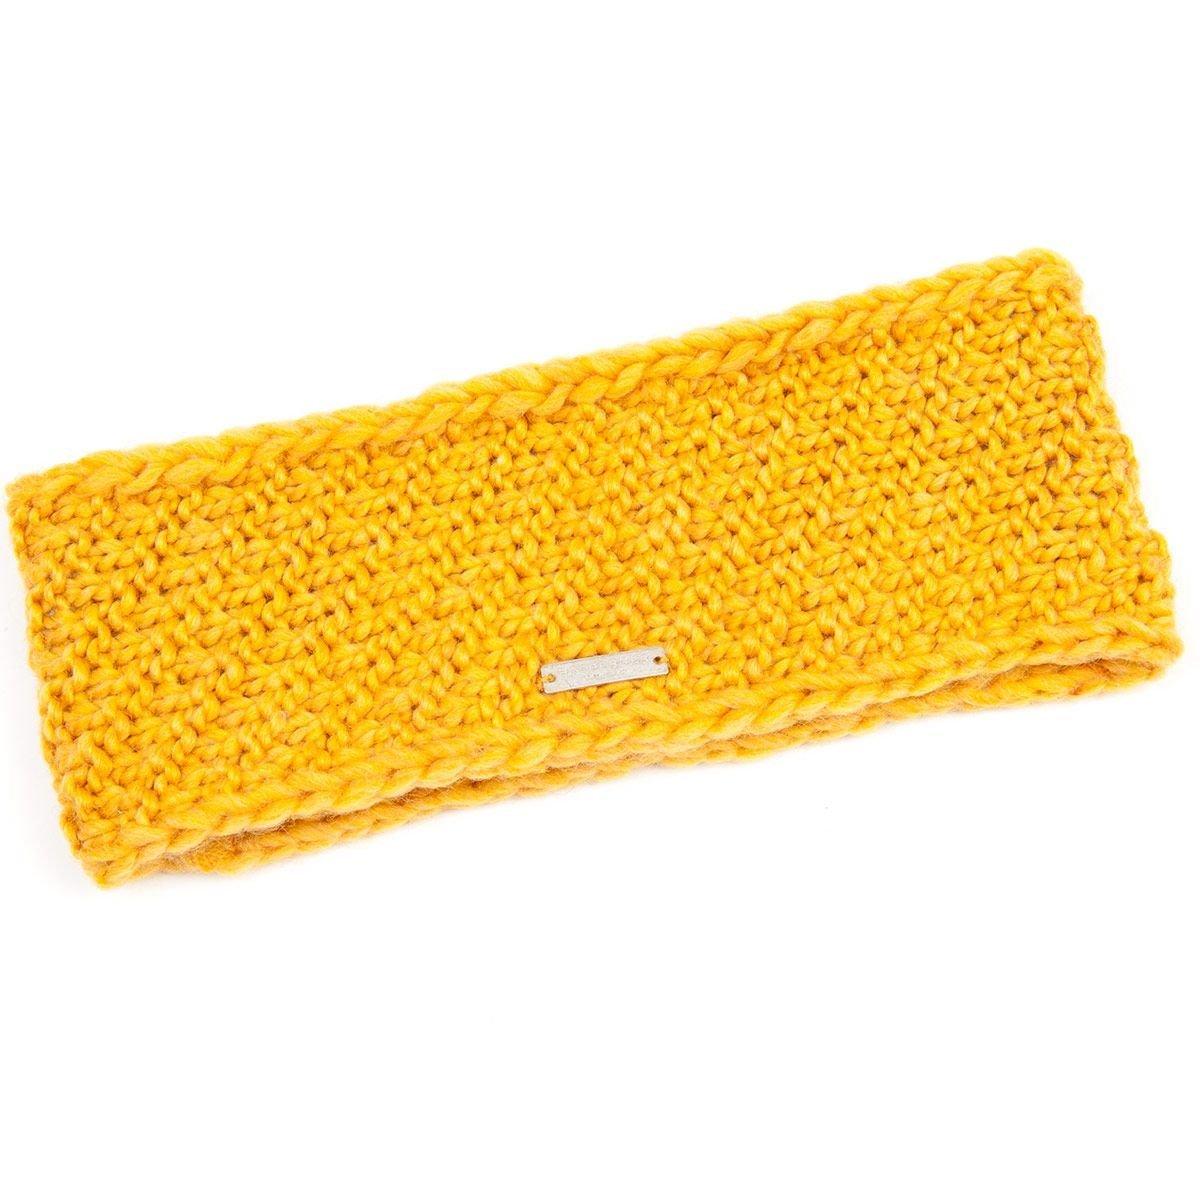 rivenditore all'ingrosso 5b764 92e91 SEEBERGER| fascia lana maglia con fodera pile per donna